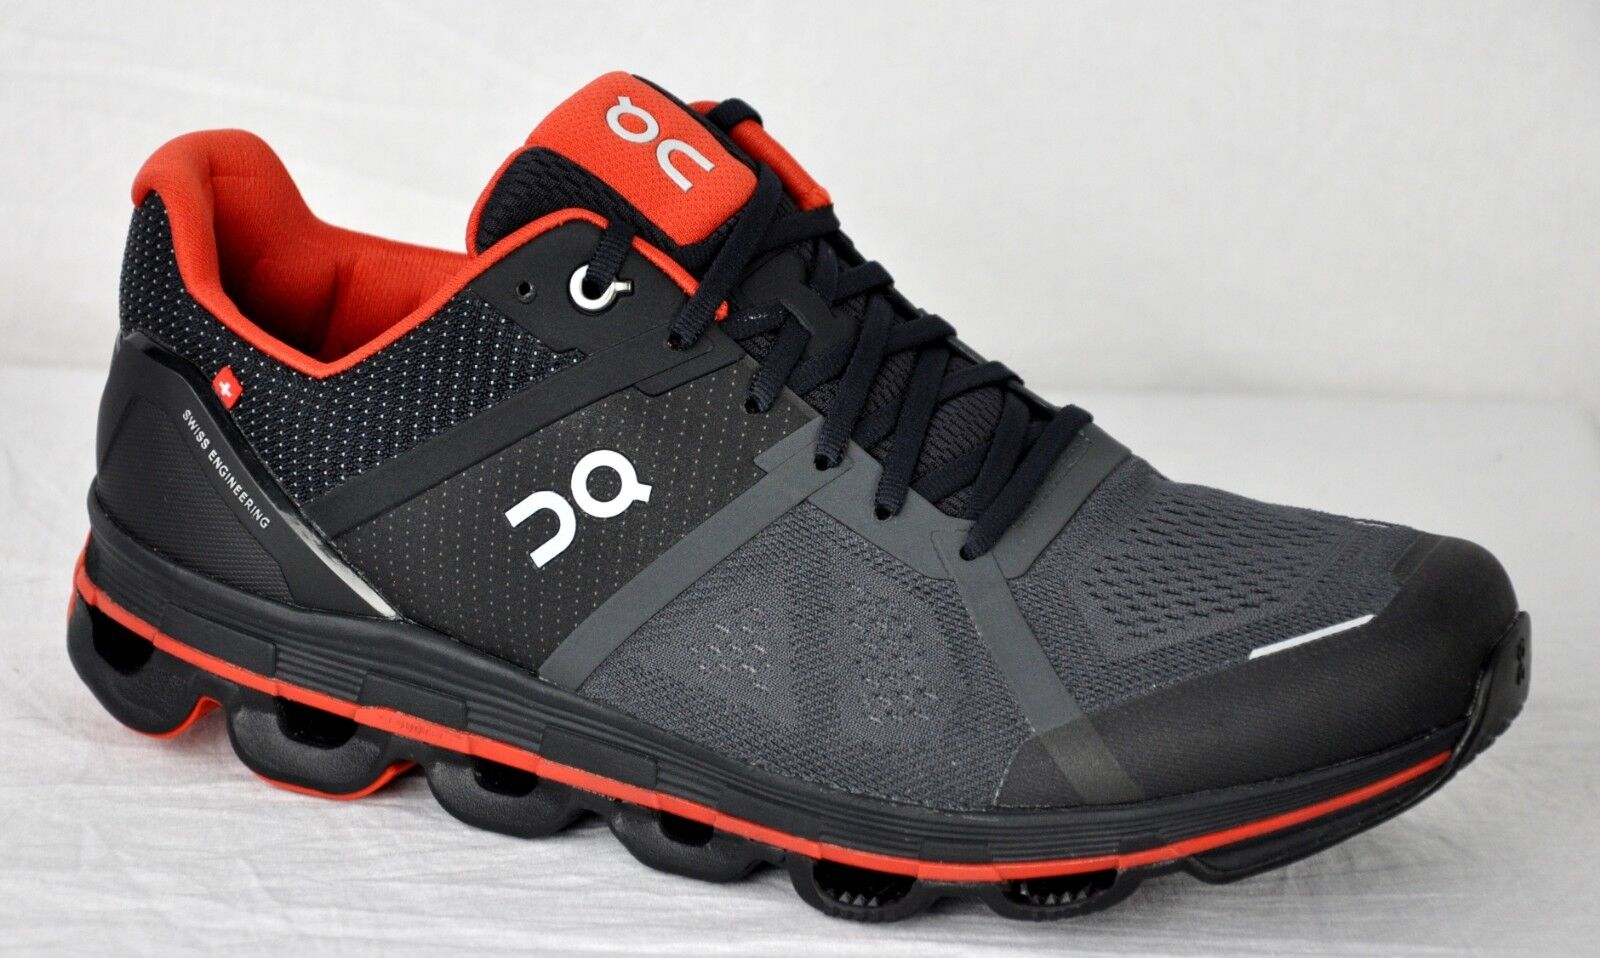 ON Men's Cloudace Trail Running Gym scarpe 30.99979 Shadow Rust Dimensione 9.5